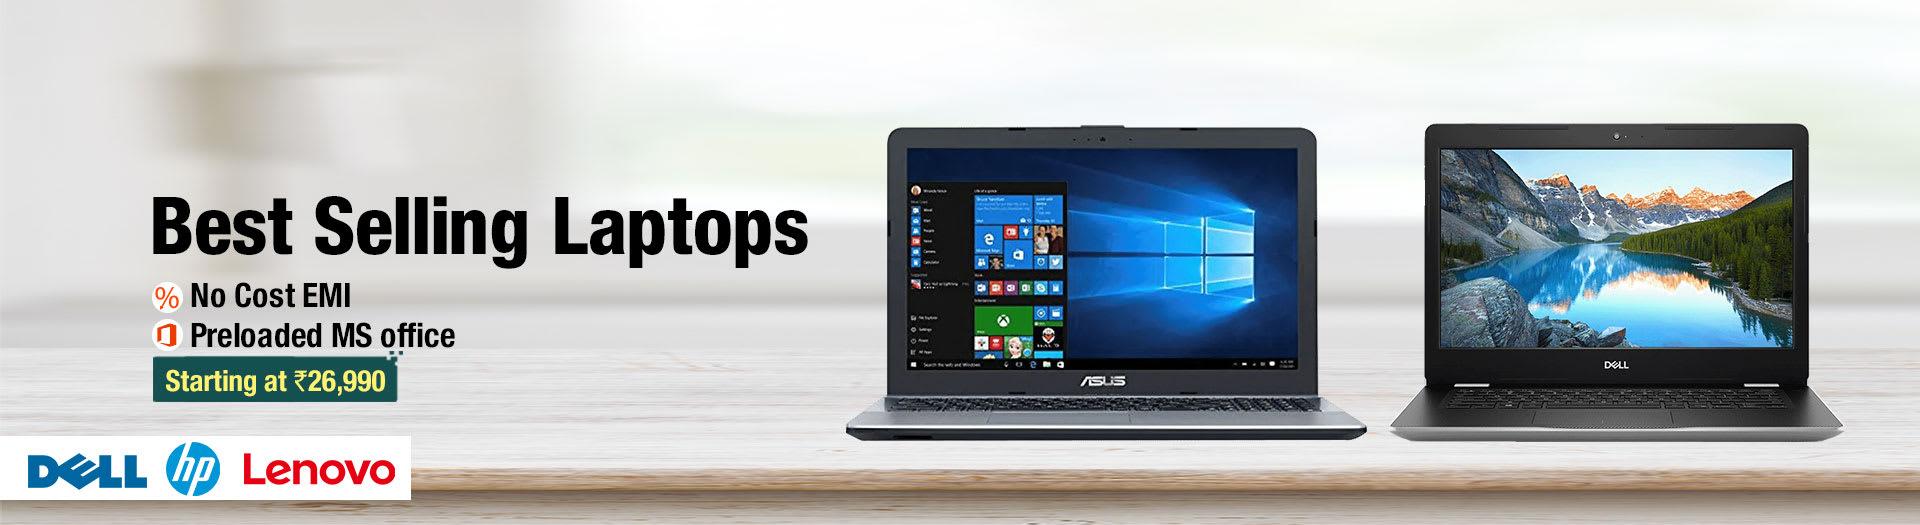 Best Selling Laptops